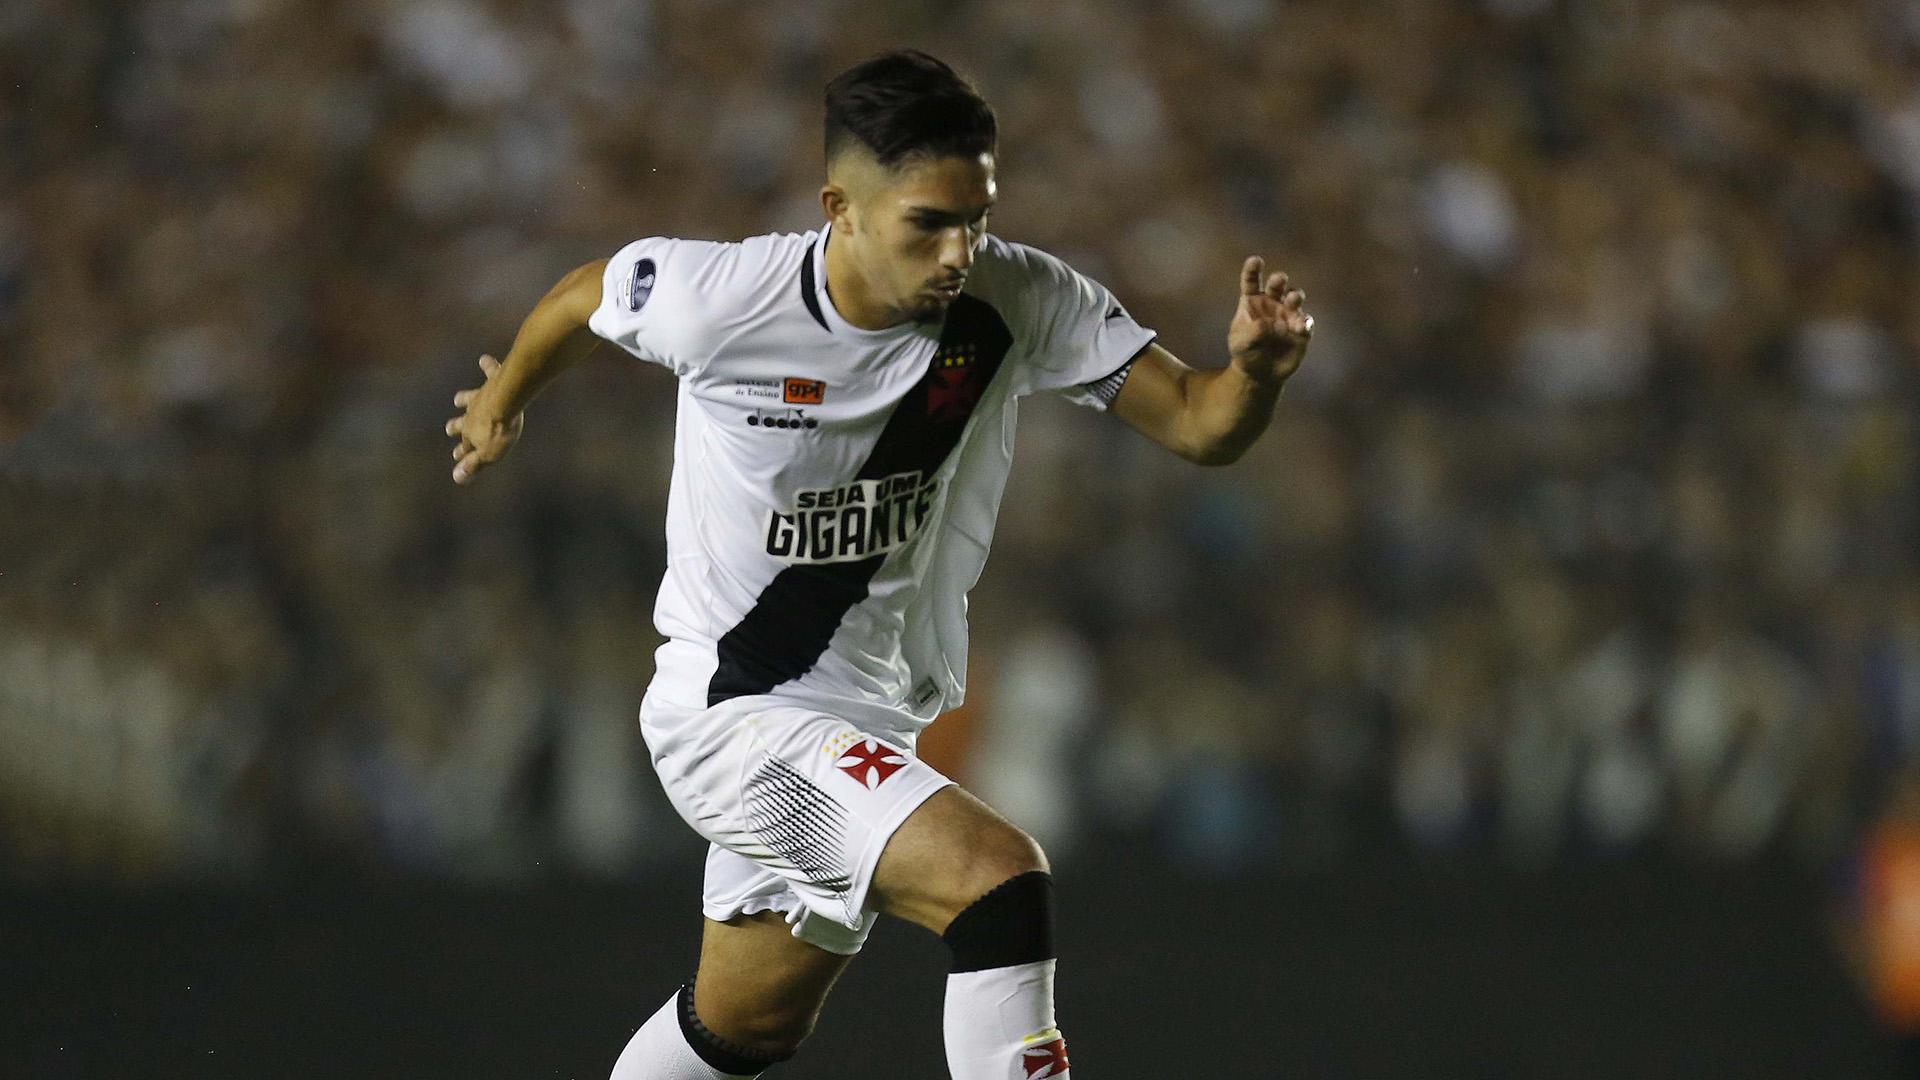 Campeonato Brasileiro  vivendo boa fase e em recuperação no ... 00d72f91b4786